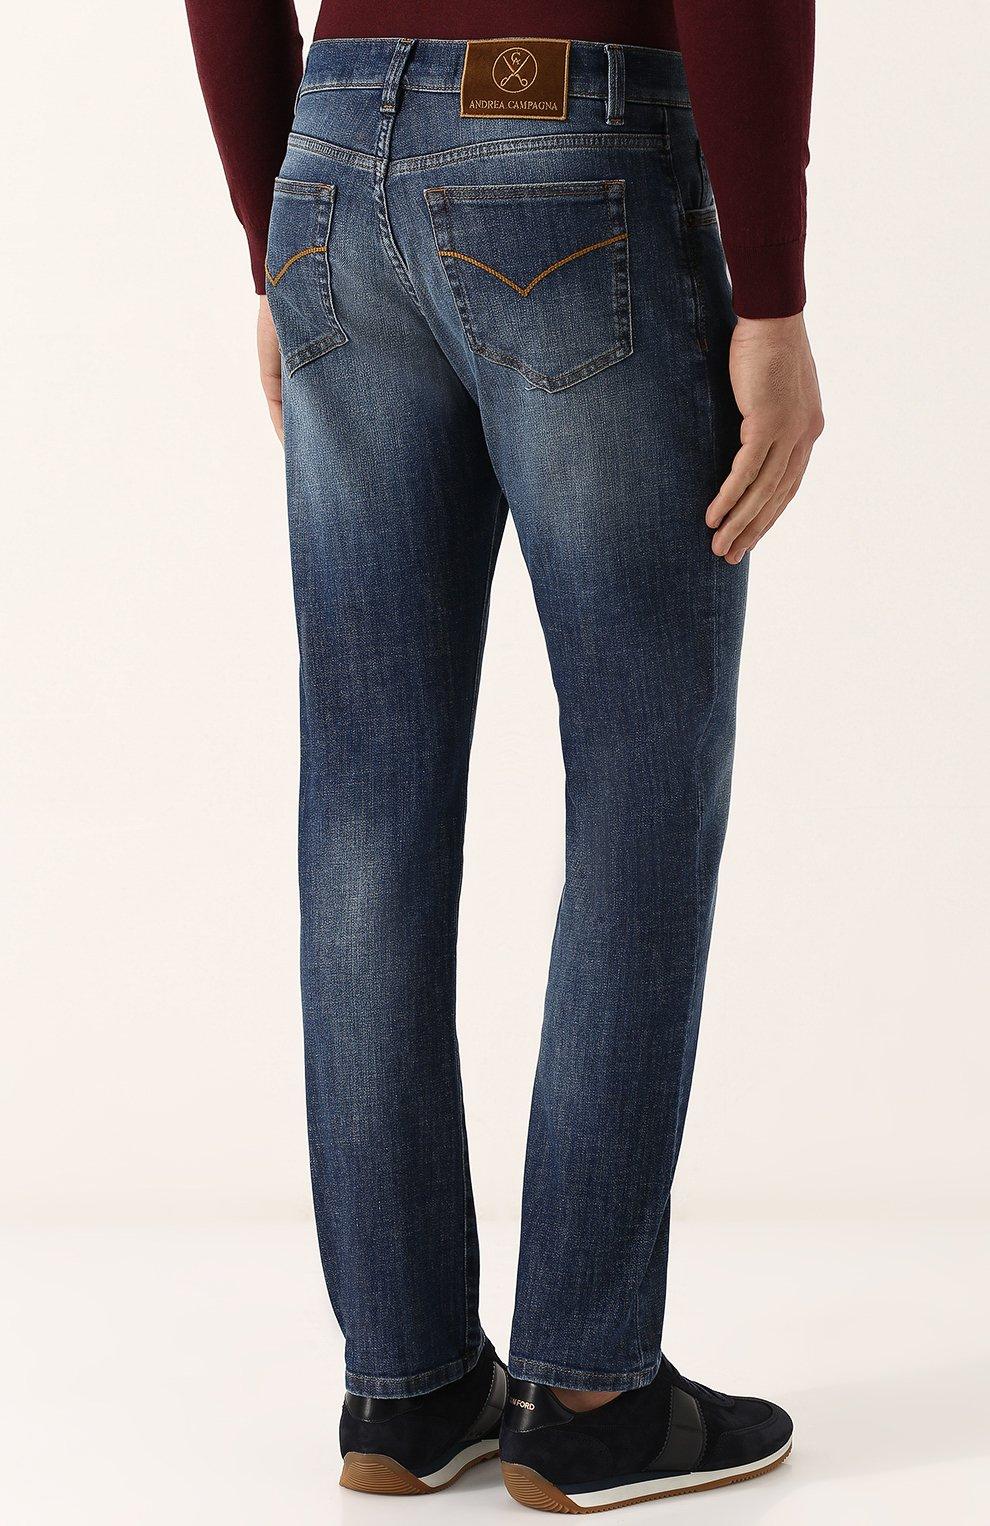 Мужские джинсы прямого кроя ANDREA CAMPAGNA синего цвета, арт. ACCR284444 | Фото 4